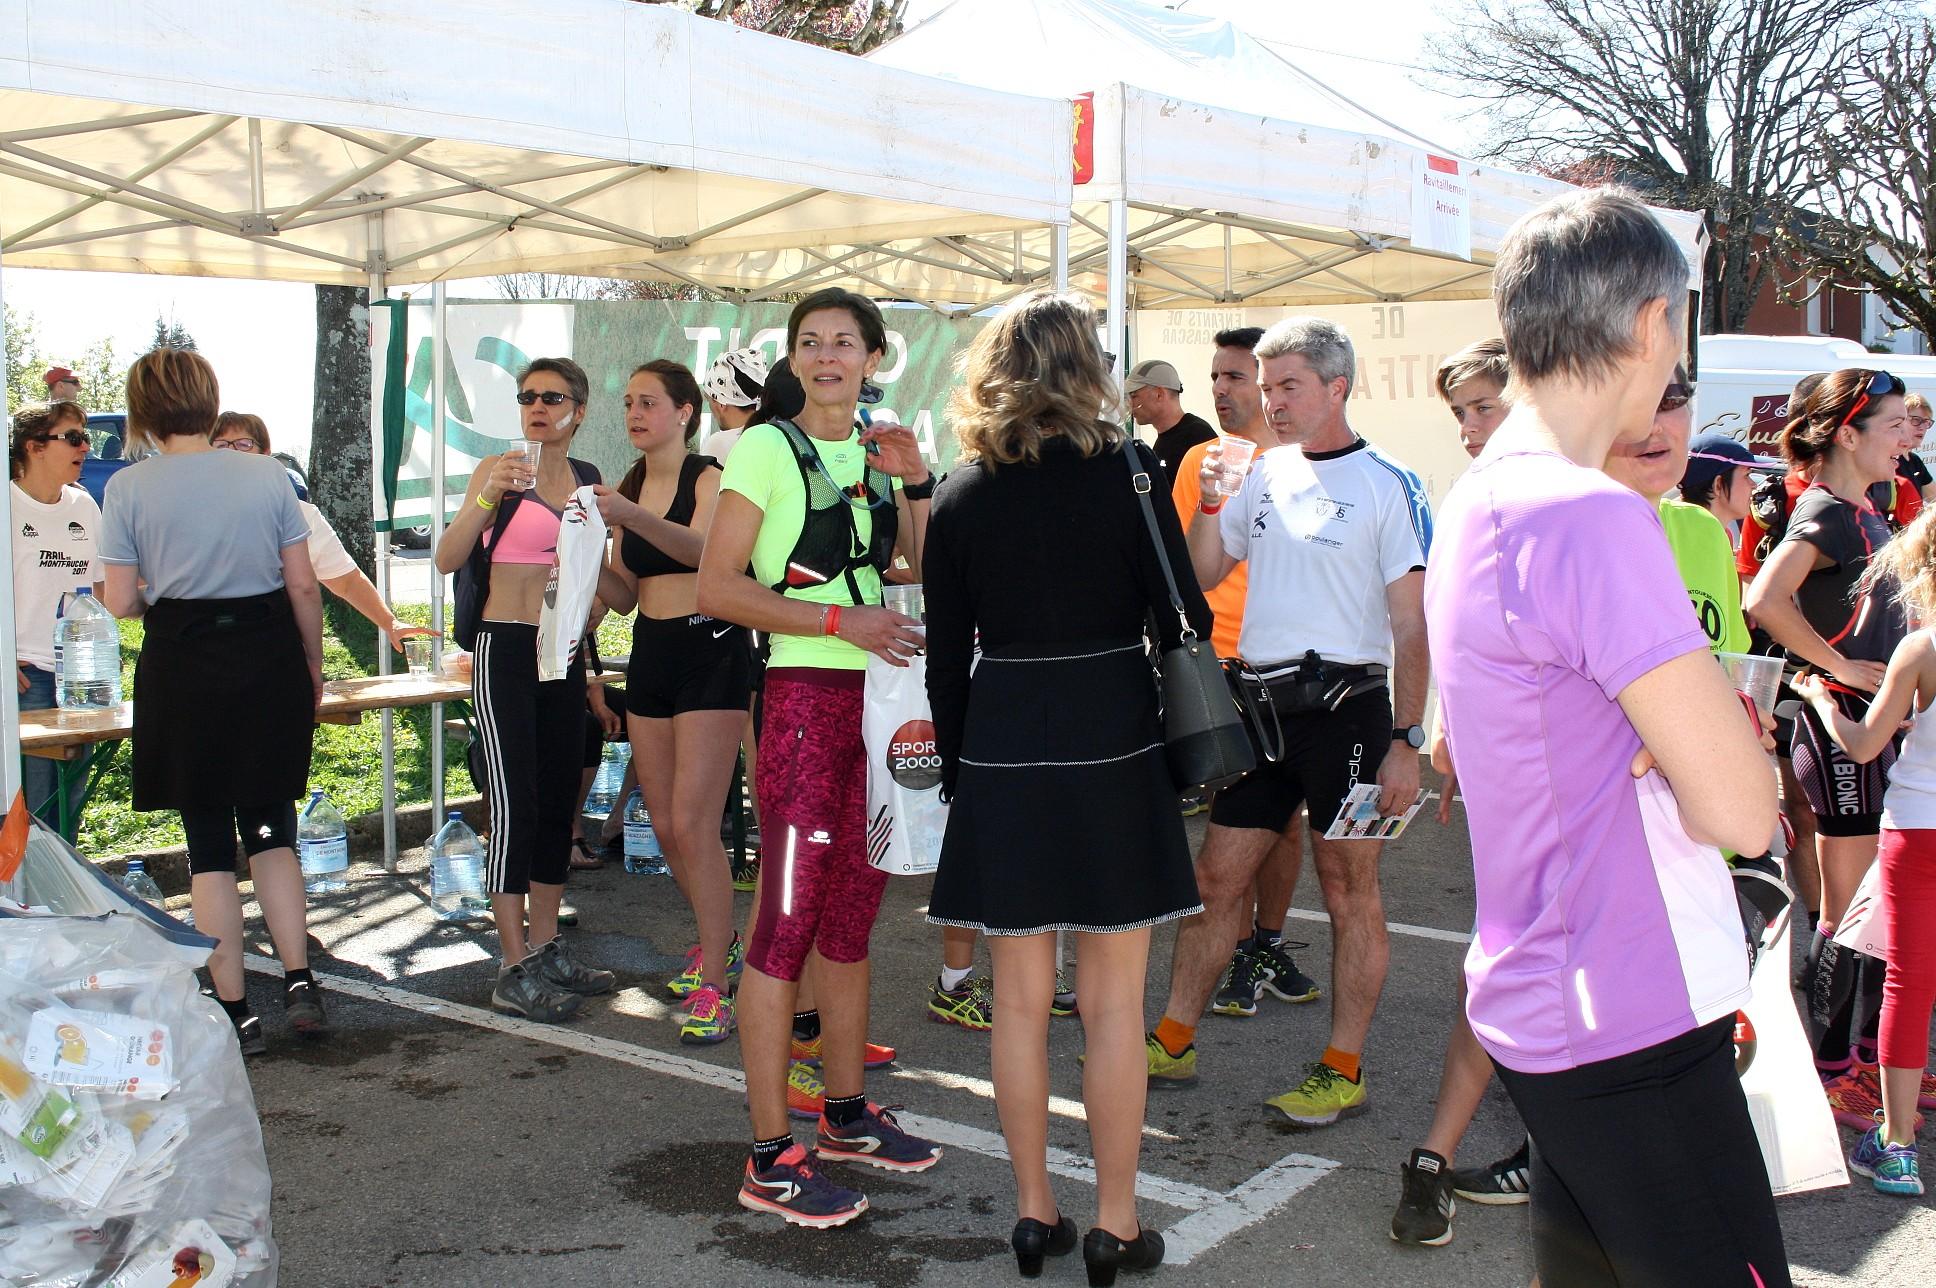 2017-04-09 - Trail-Montfaucon-Juliette (275)